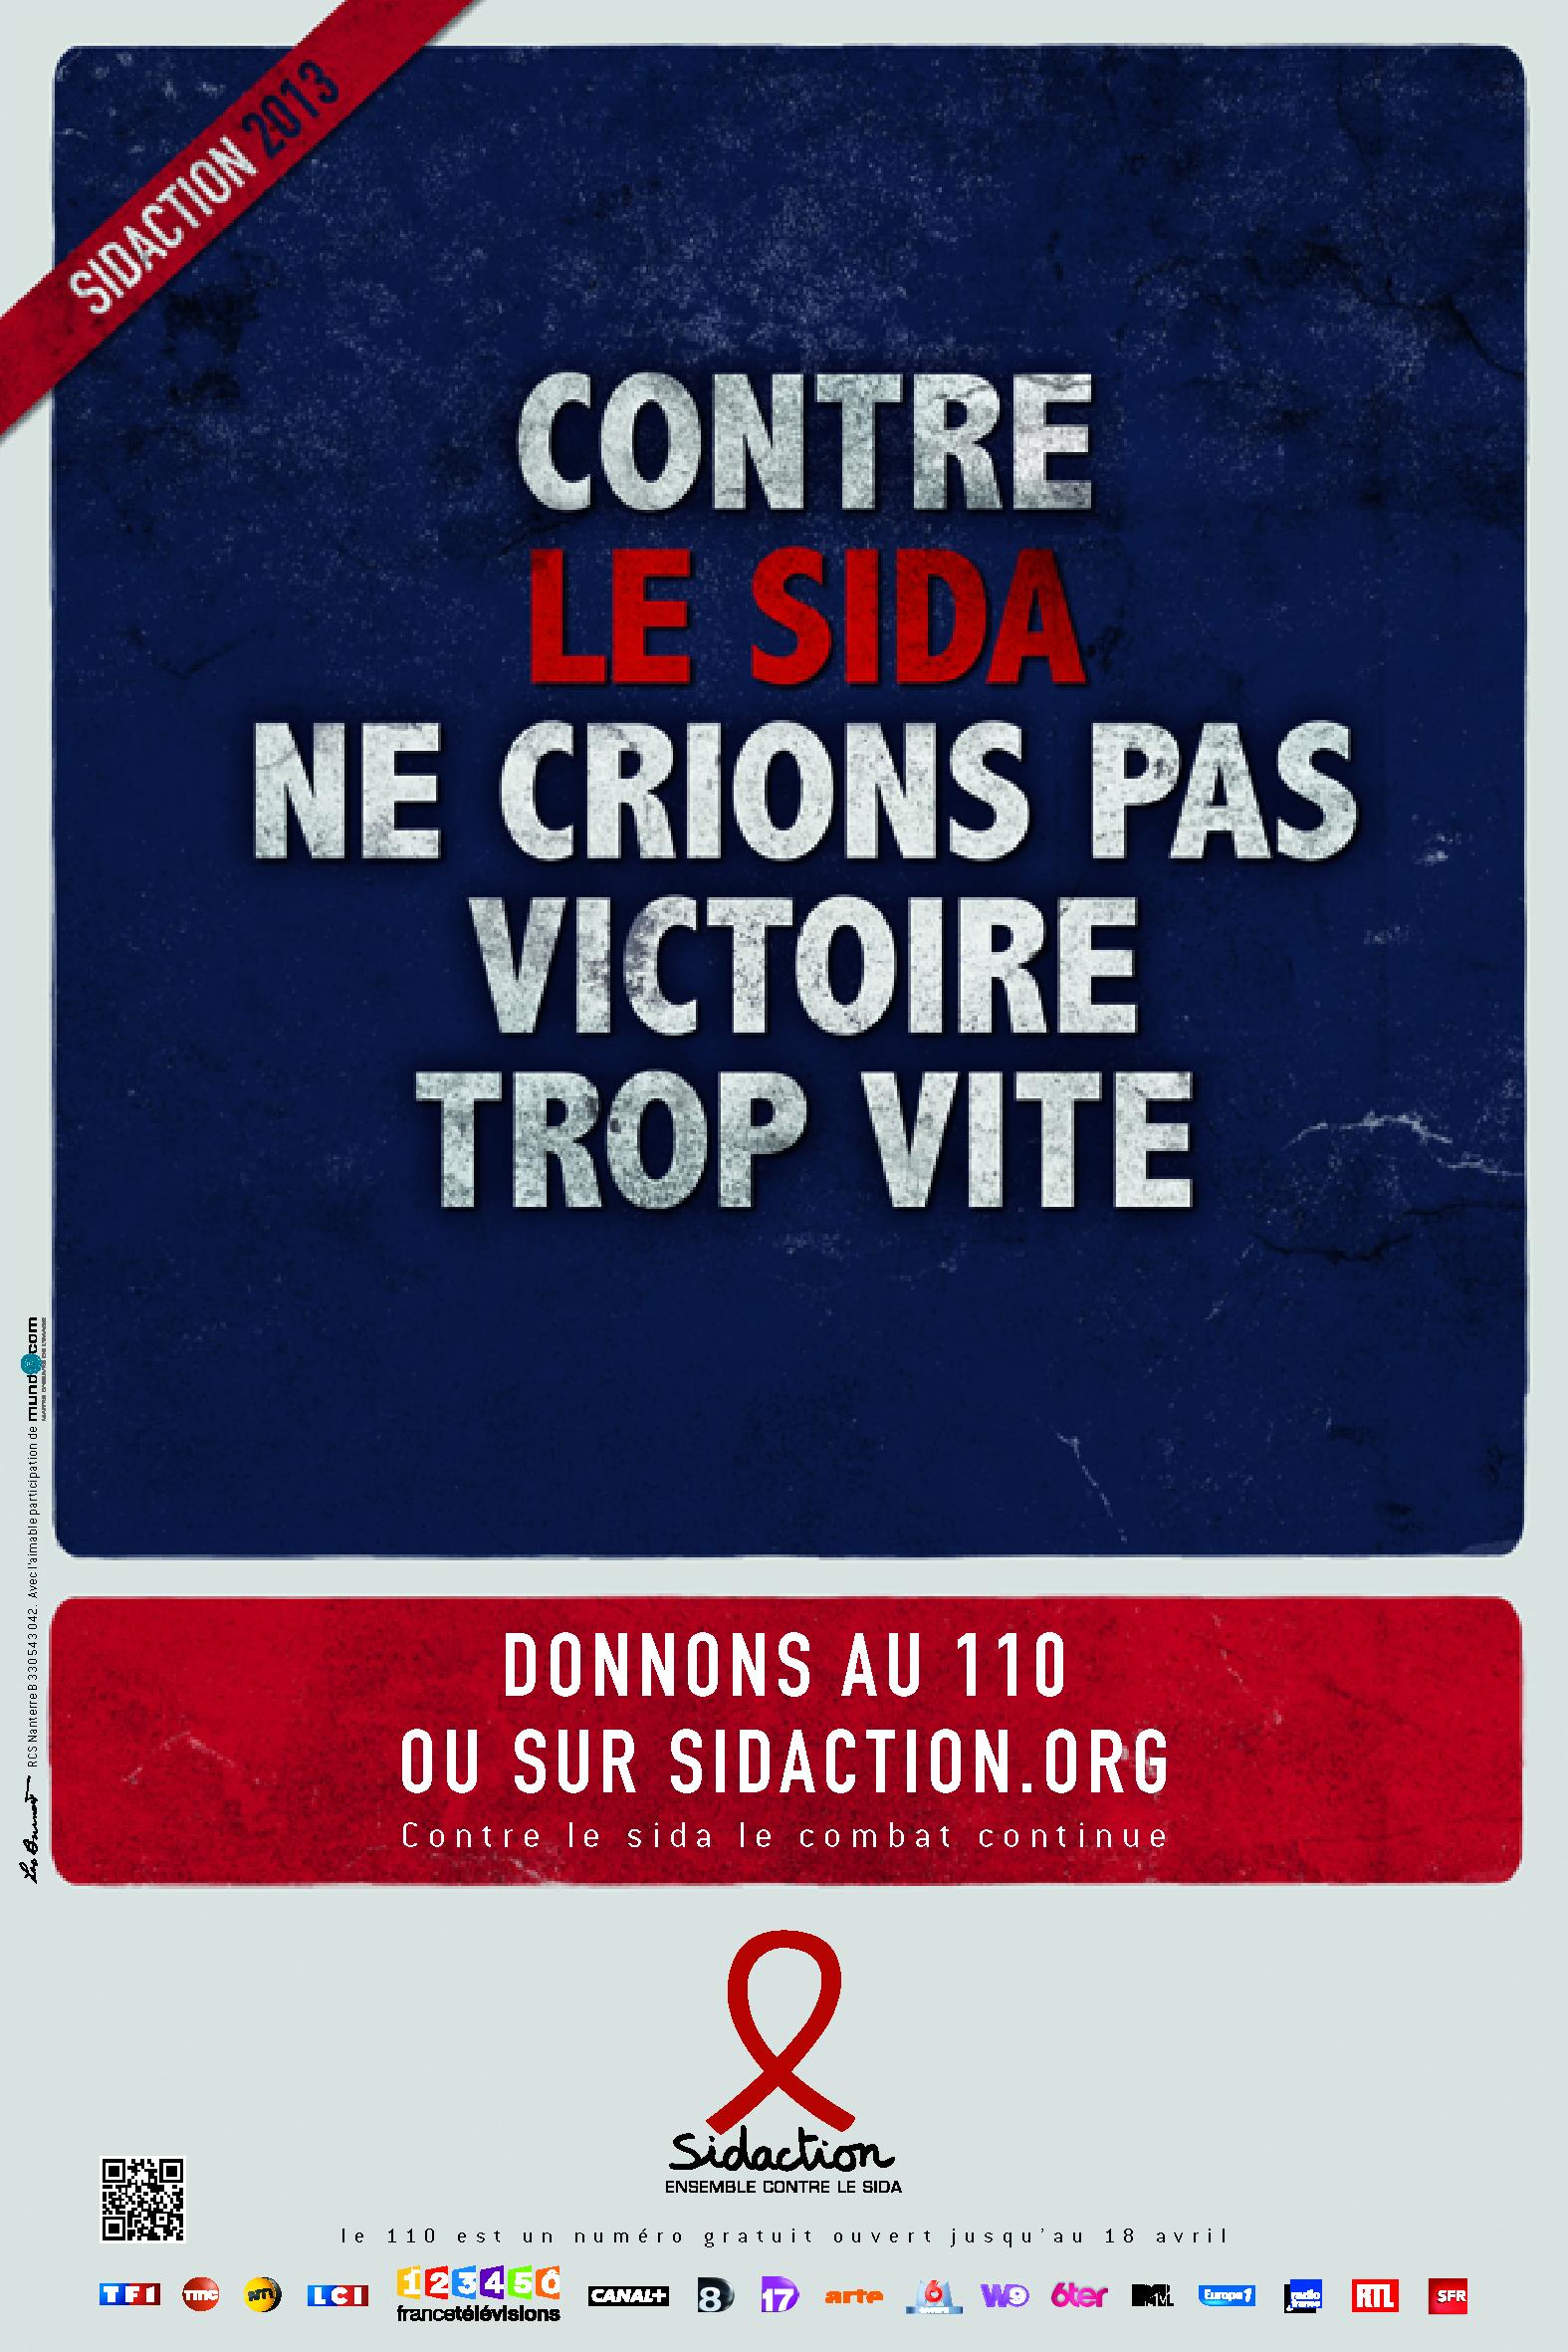 Association de lutte contre le sida sidaction 2013 5 - Merci de ne pas stationner devant le garage ...